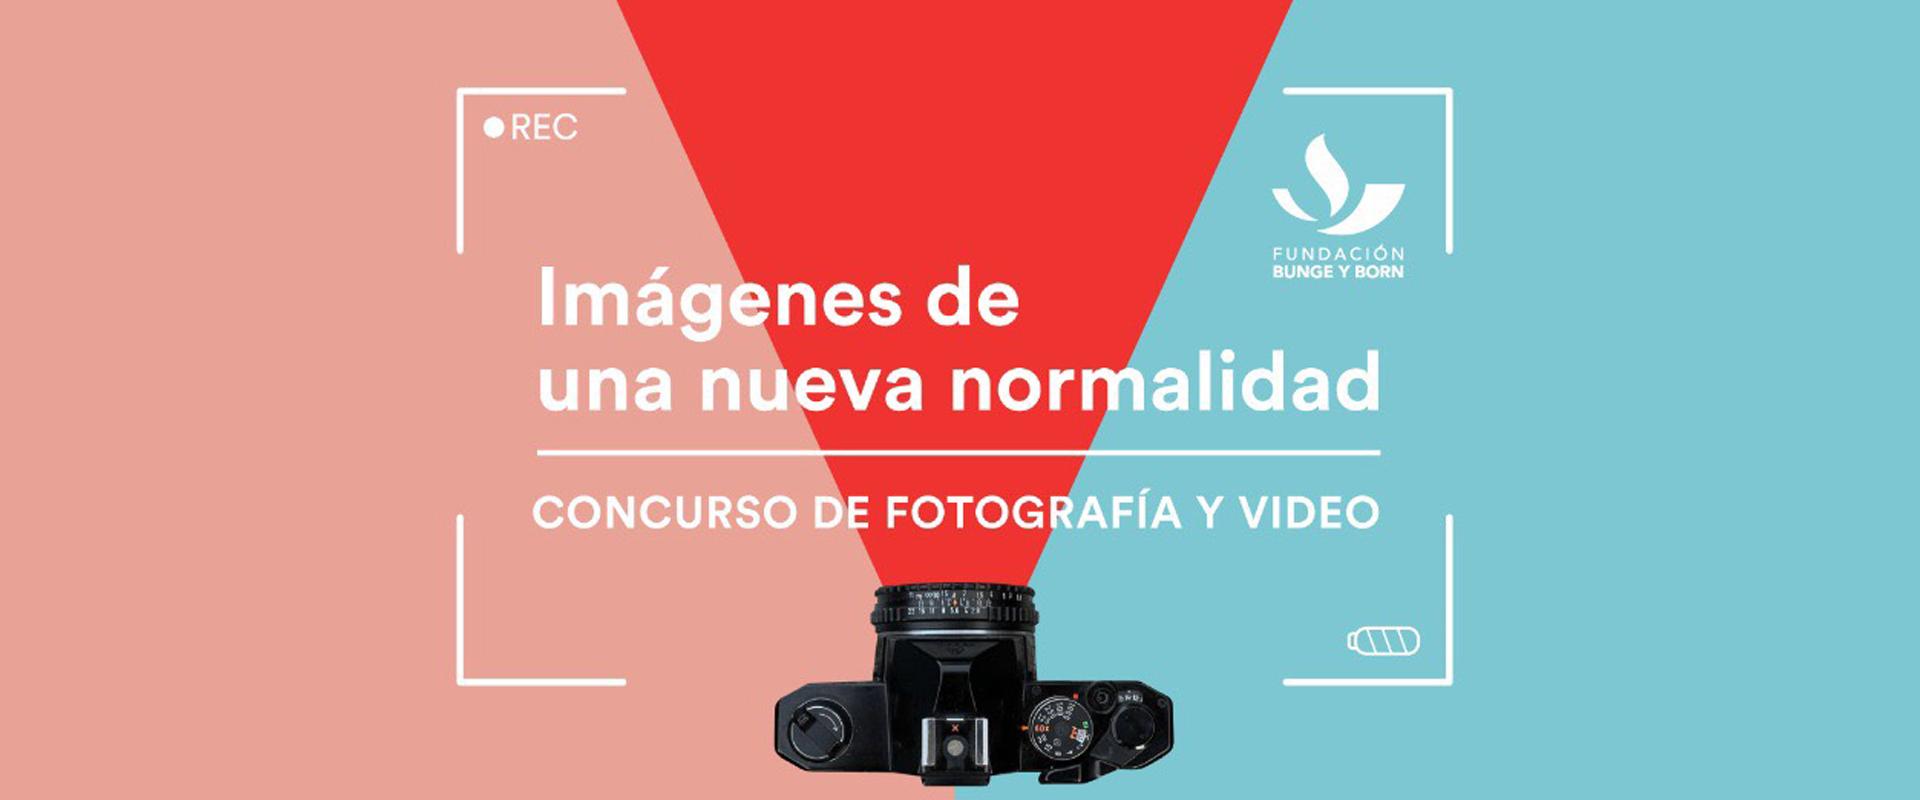 Concurso - Imágenes de la nueva normalidad